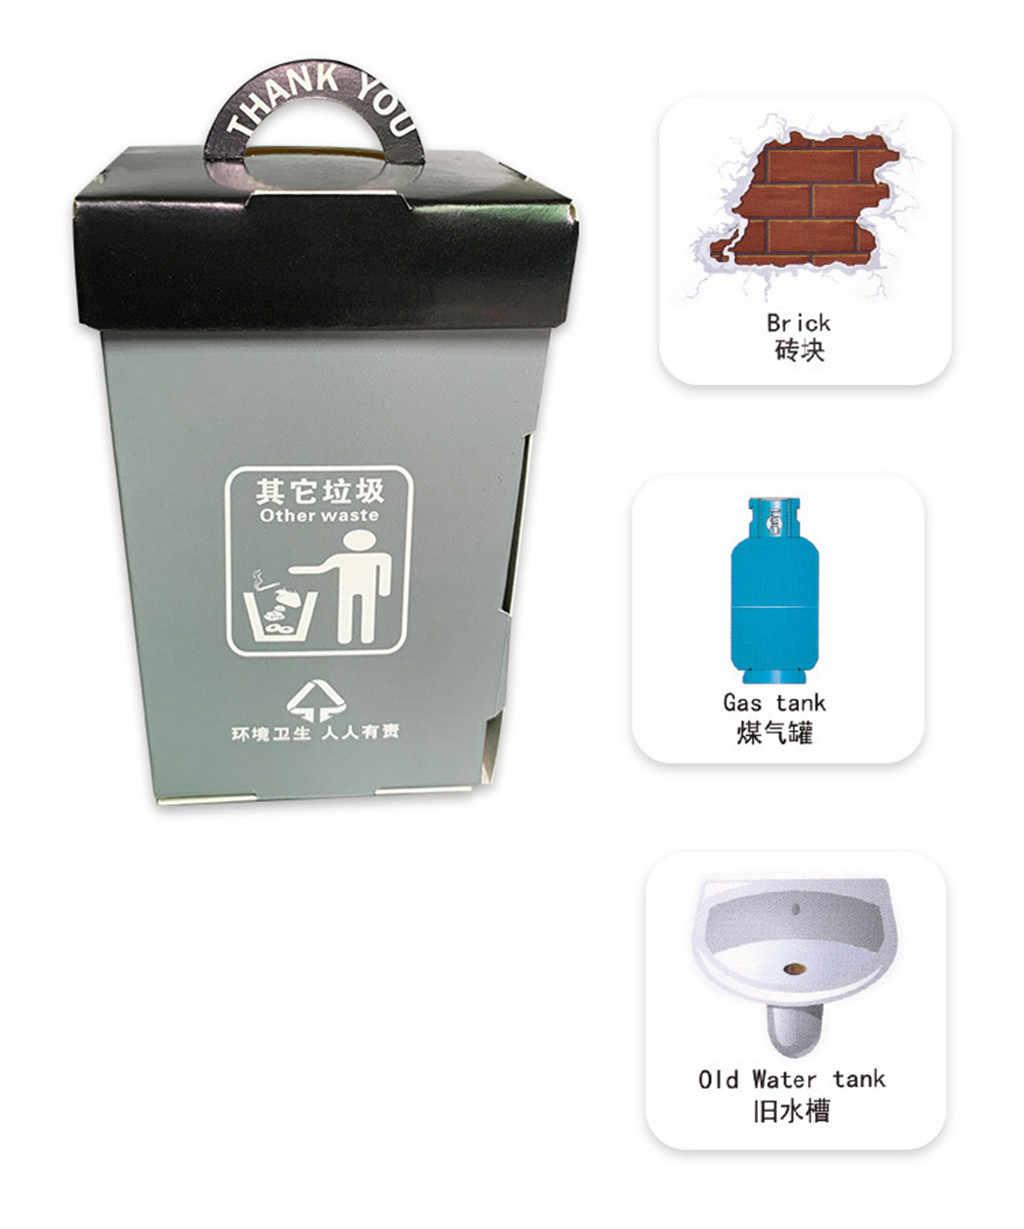 6 adet mini çöp tenekesi Erken Eğitici Oyuncaklar Kağıt Kartı Ile Çocuklar Için Hediye Çöp Sınıflandırma eğitici oyuncak Bulmaca Oyunu